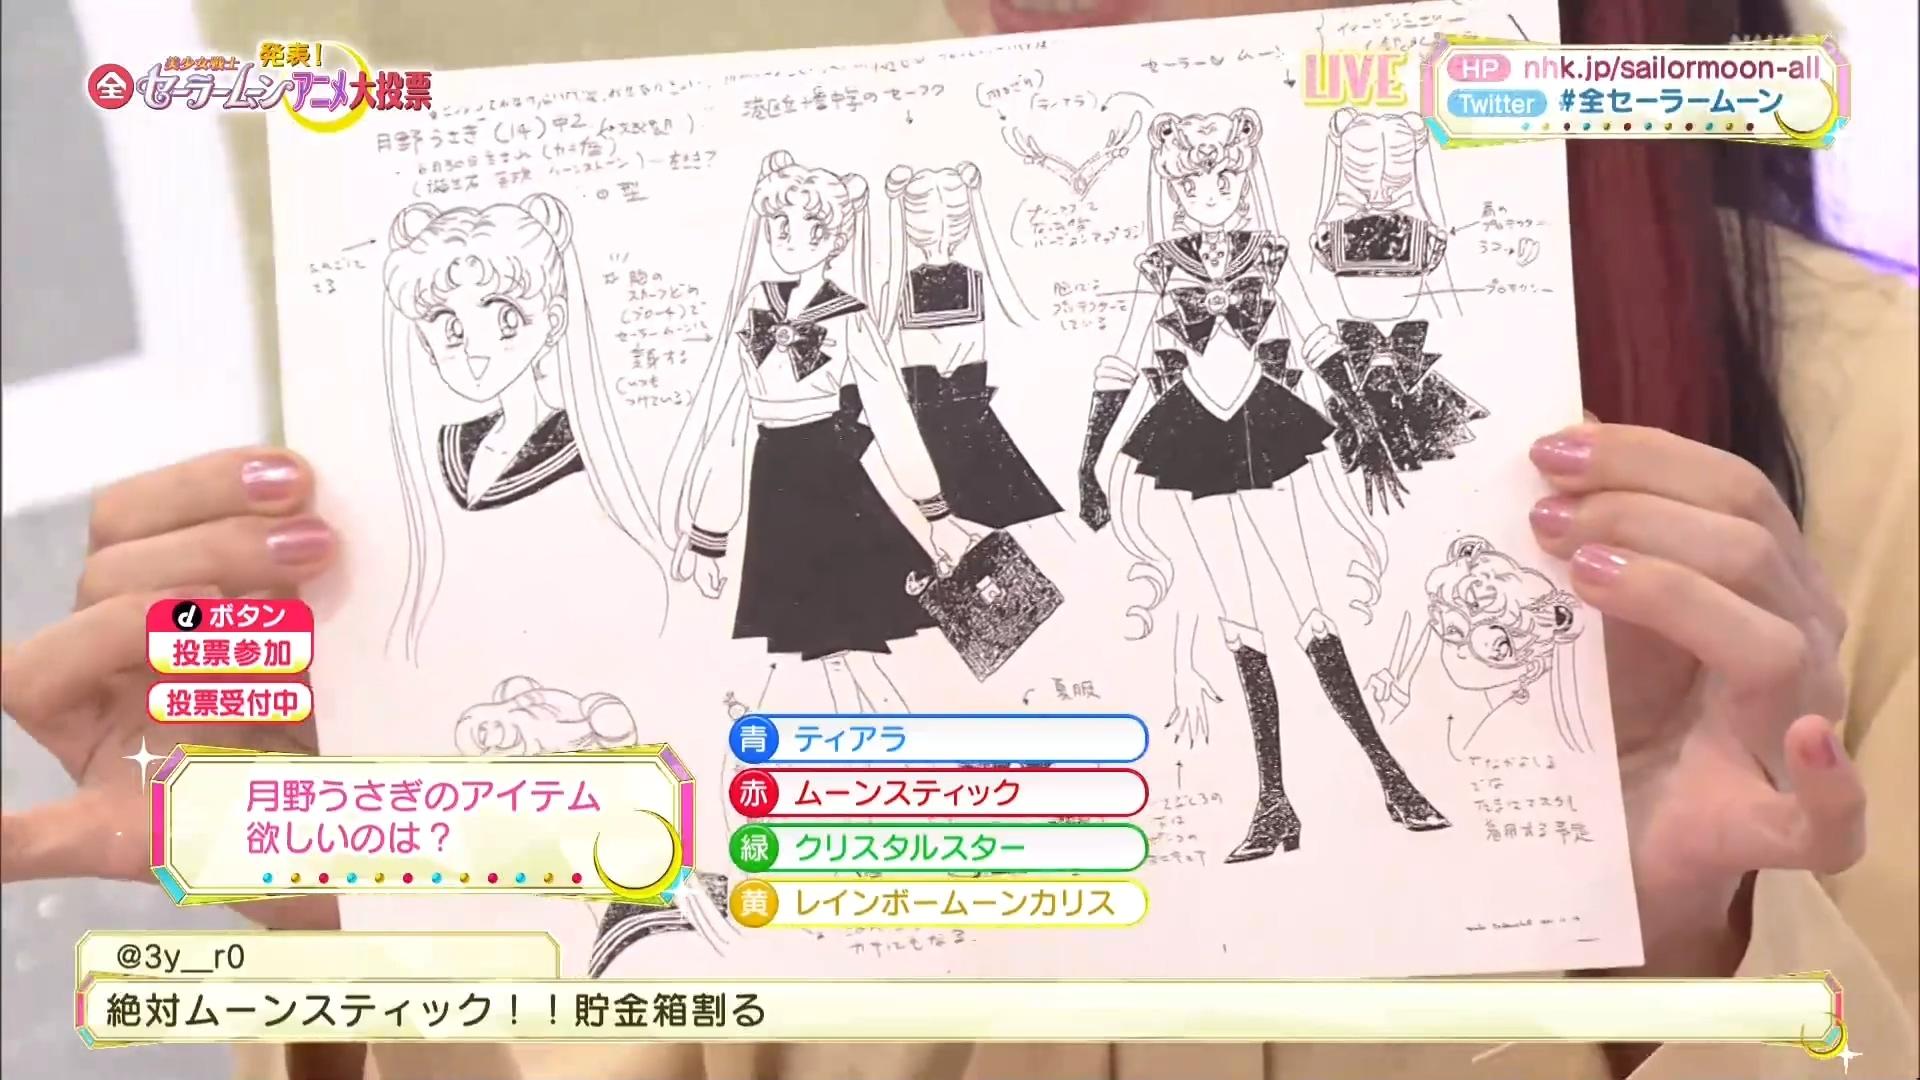 【12_5.生肉】NHK 美少女战士 动画全系列 大投票 发表 特别番组.mp4_012736.956